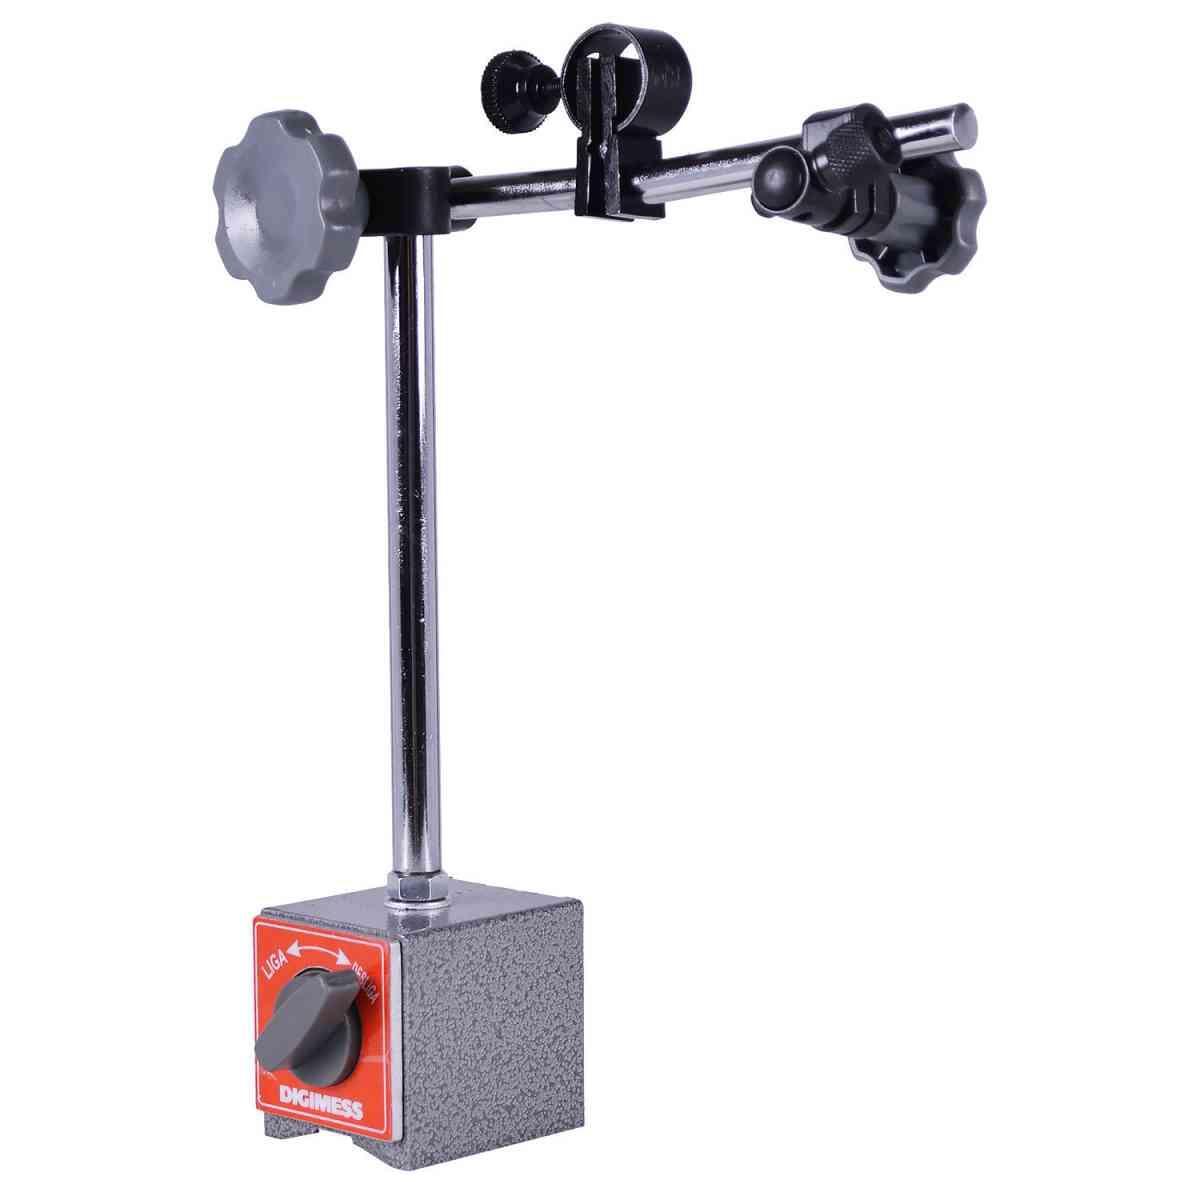 Suporte Magnético Com Ajuste Para Relógio 270240 Digimess